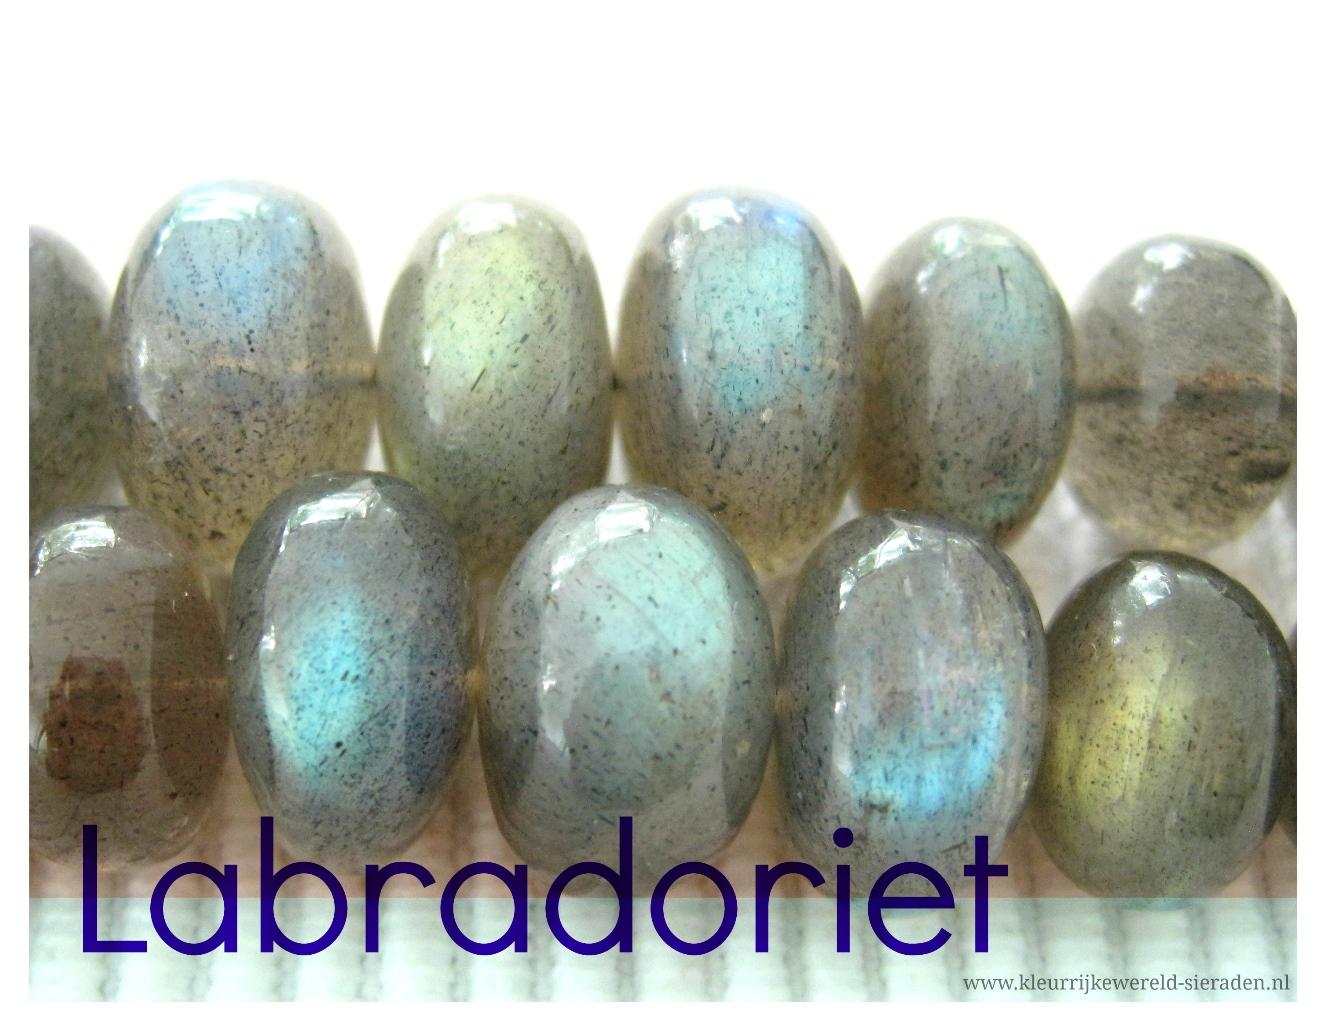 Labradoriet edelstenen - kleurrijke wereld sieraden - 1326